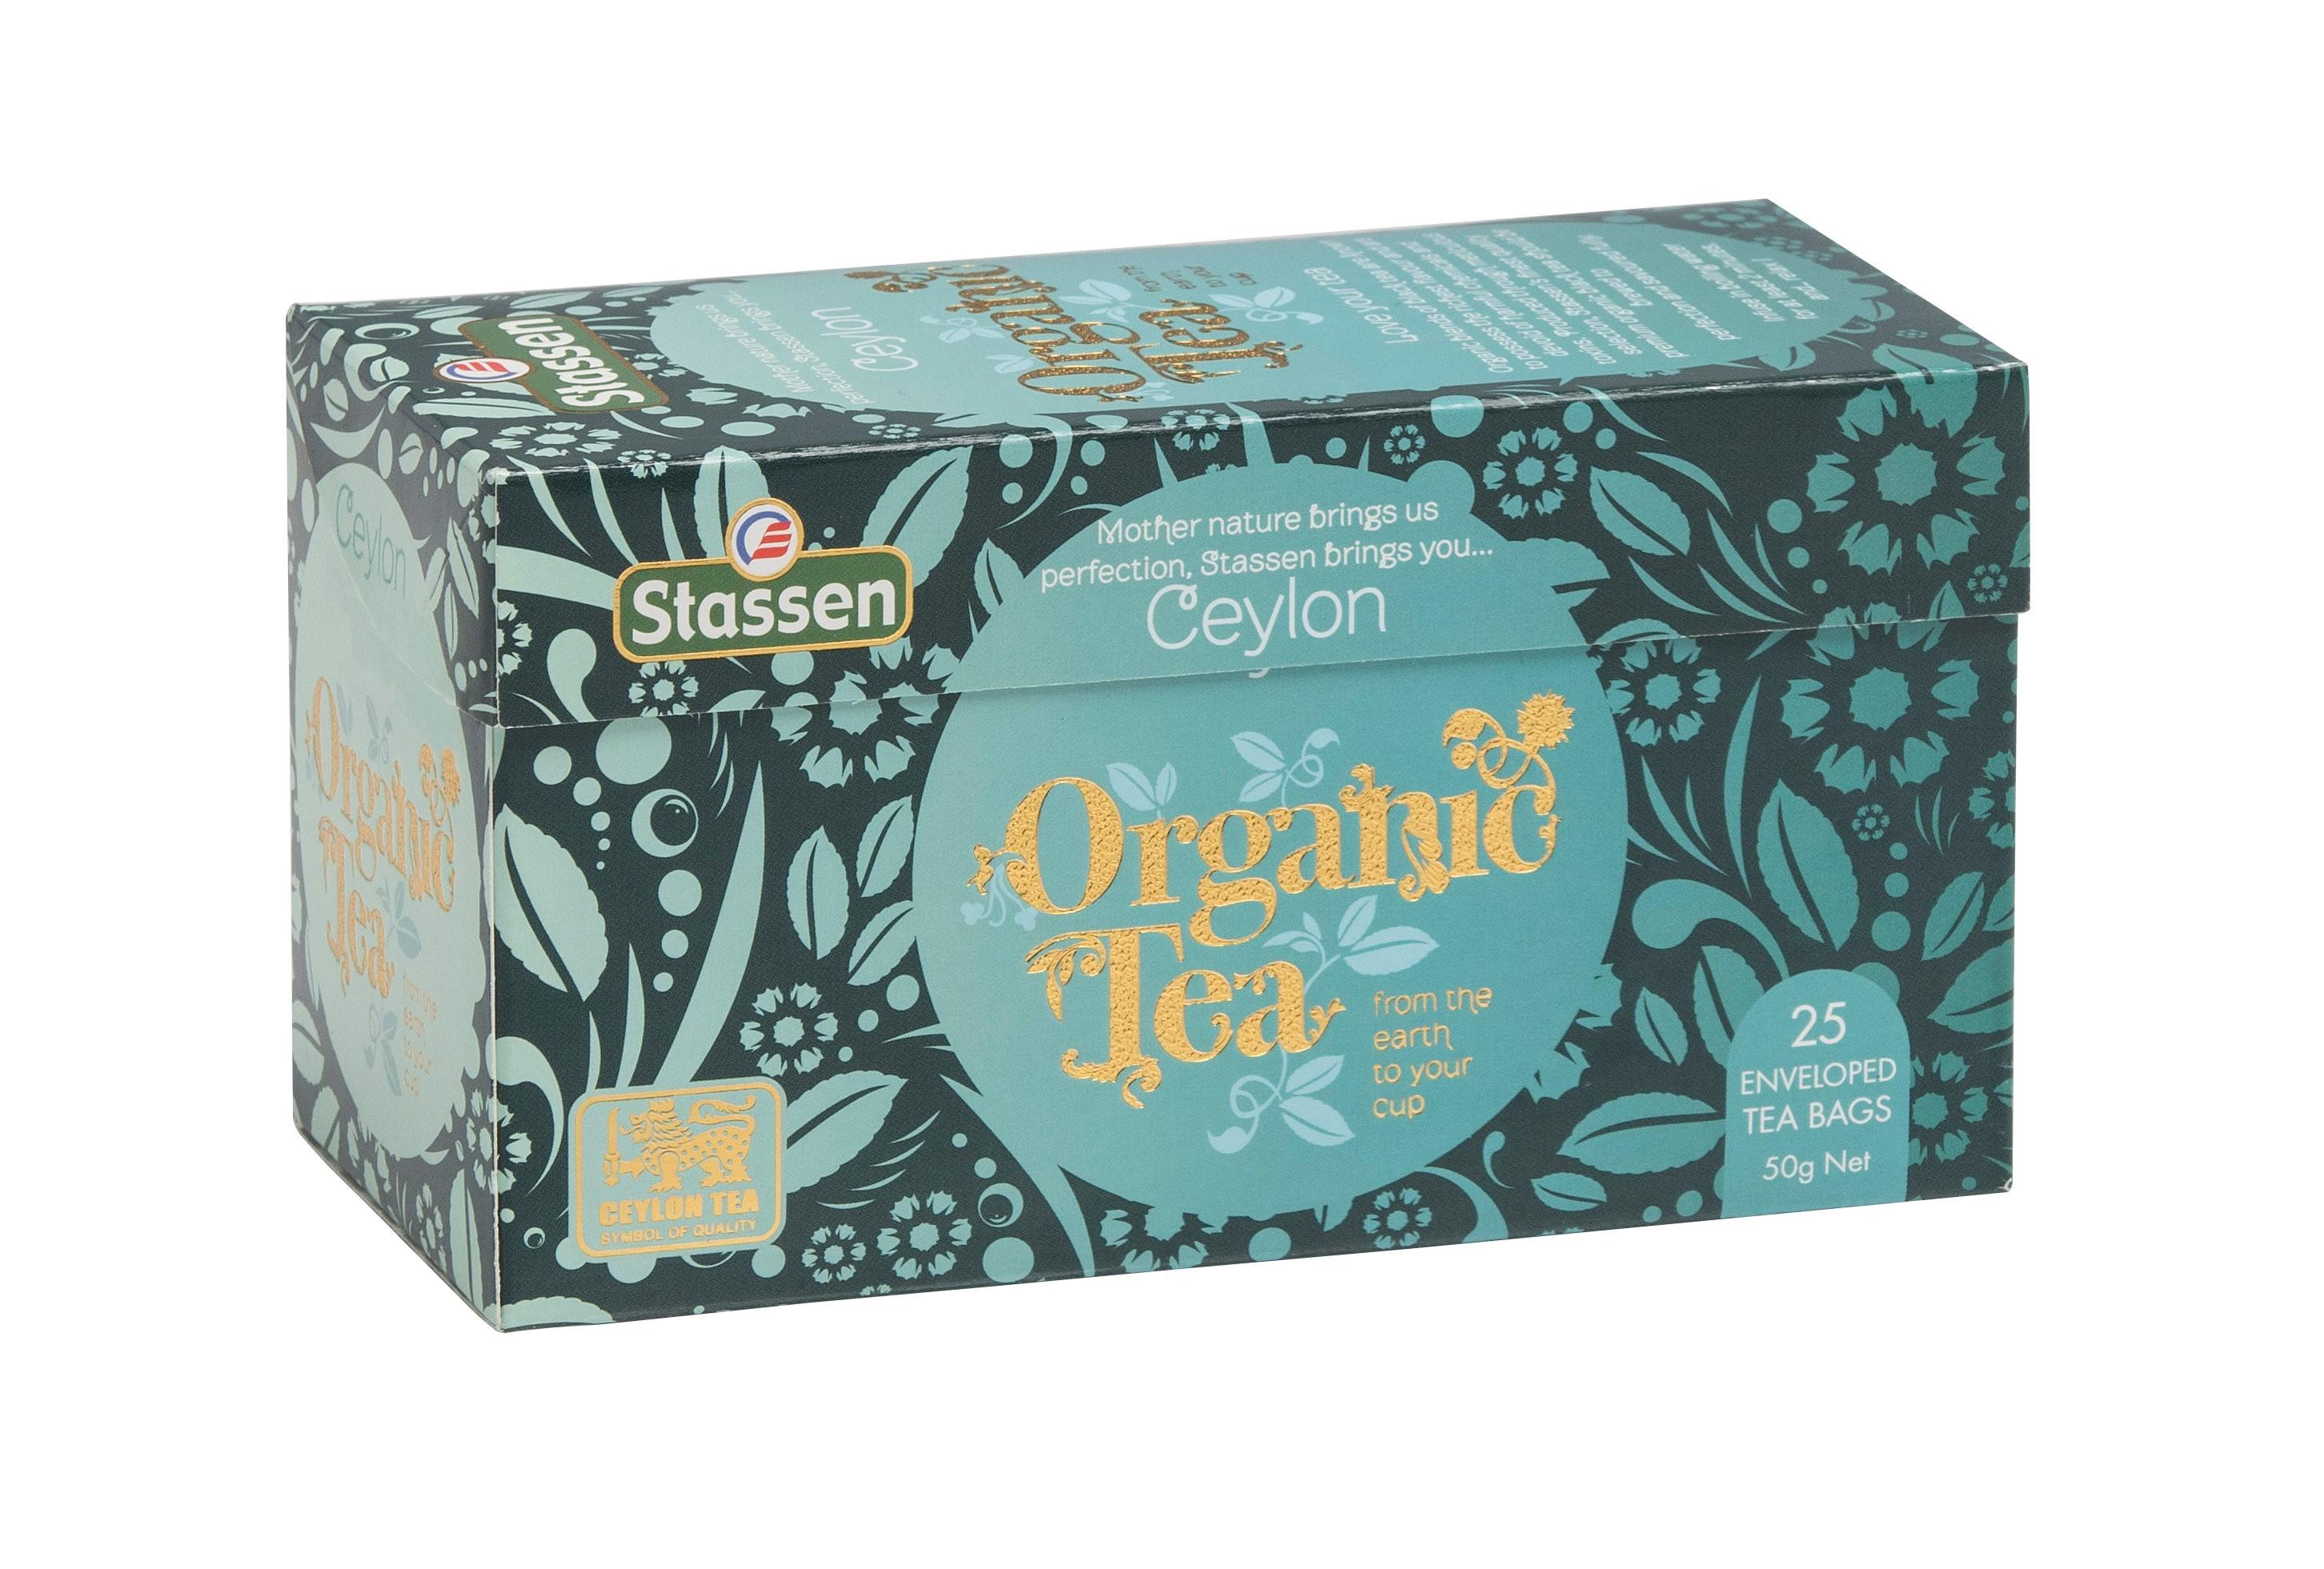 [stassen司迪生]有機紅茶 (2g*25包/盒)